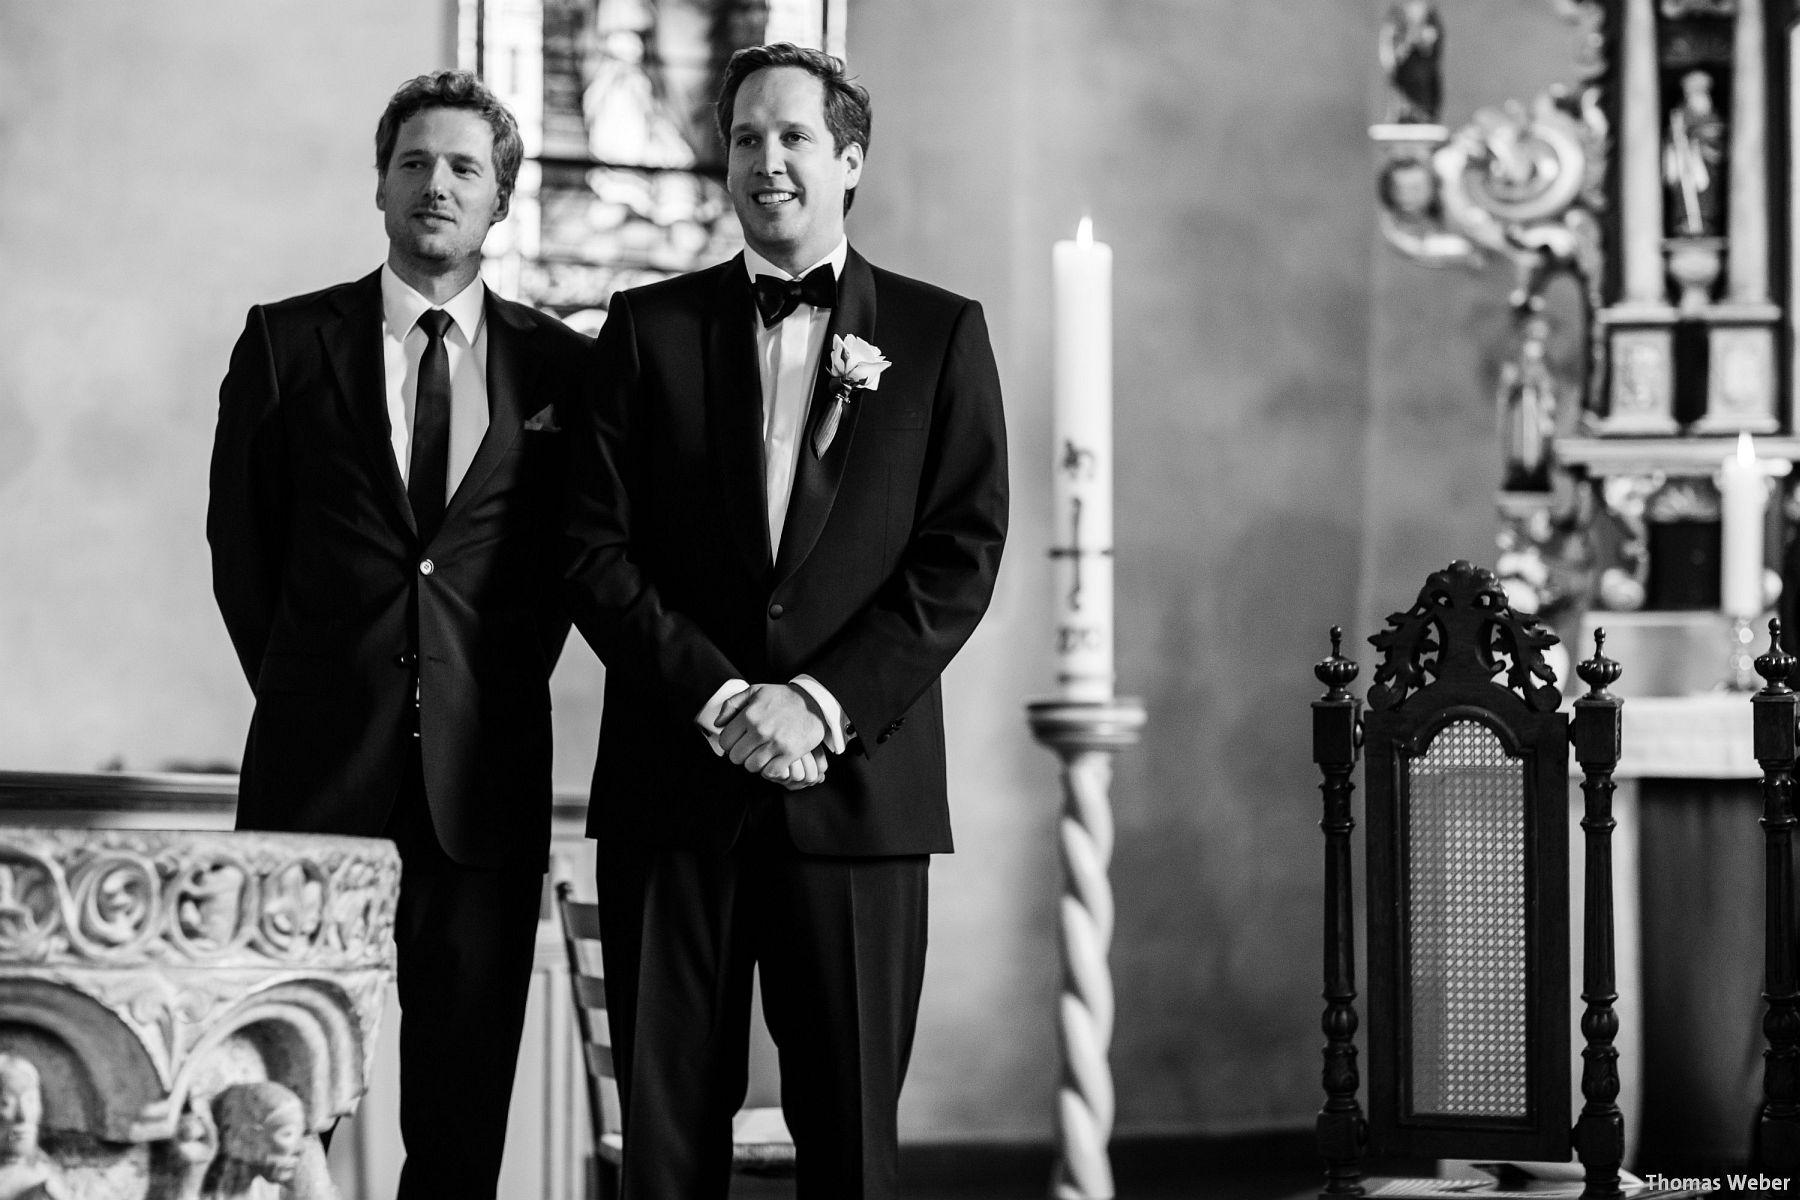 Hochzeitsfotograf Rastede: Kirchliche Trauung in der St. Ulrichs Kirche Rastede und Hochzeitsfeier in der Eventscheune St Georg Rastede mit dem Catering von Michael Niebuhr aus Oldenburg (16)